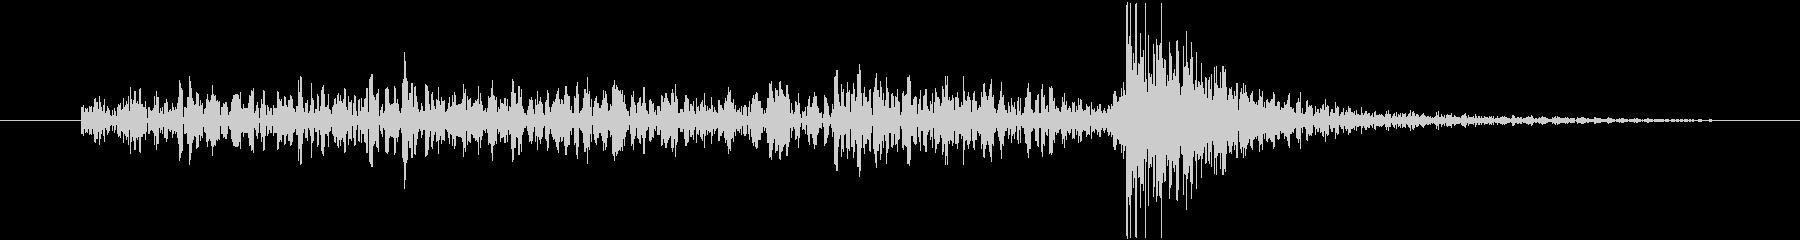 FX ドラムロールティンパニ01の未再生の波形